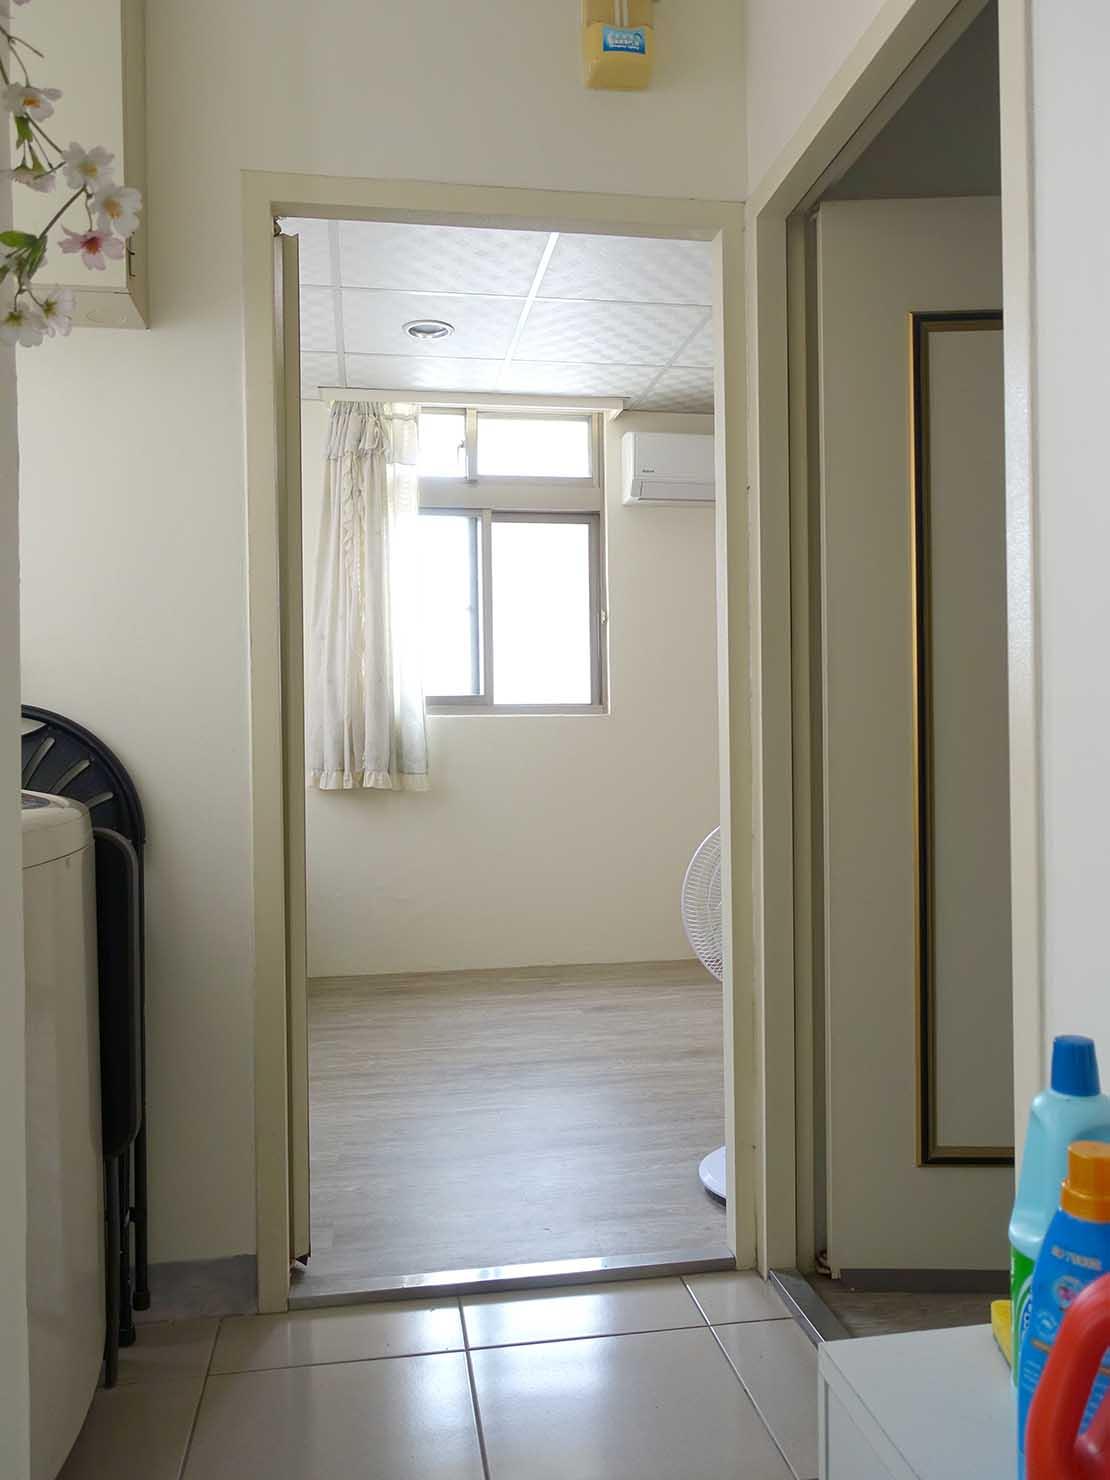 台北で台湾人彼氏と僕がルームシェアしている部屋の玄関2と3